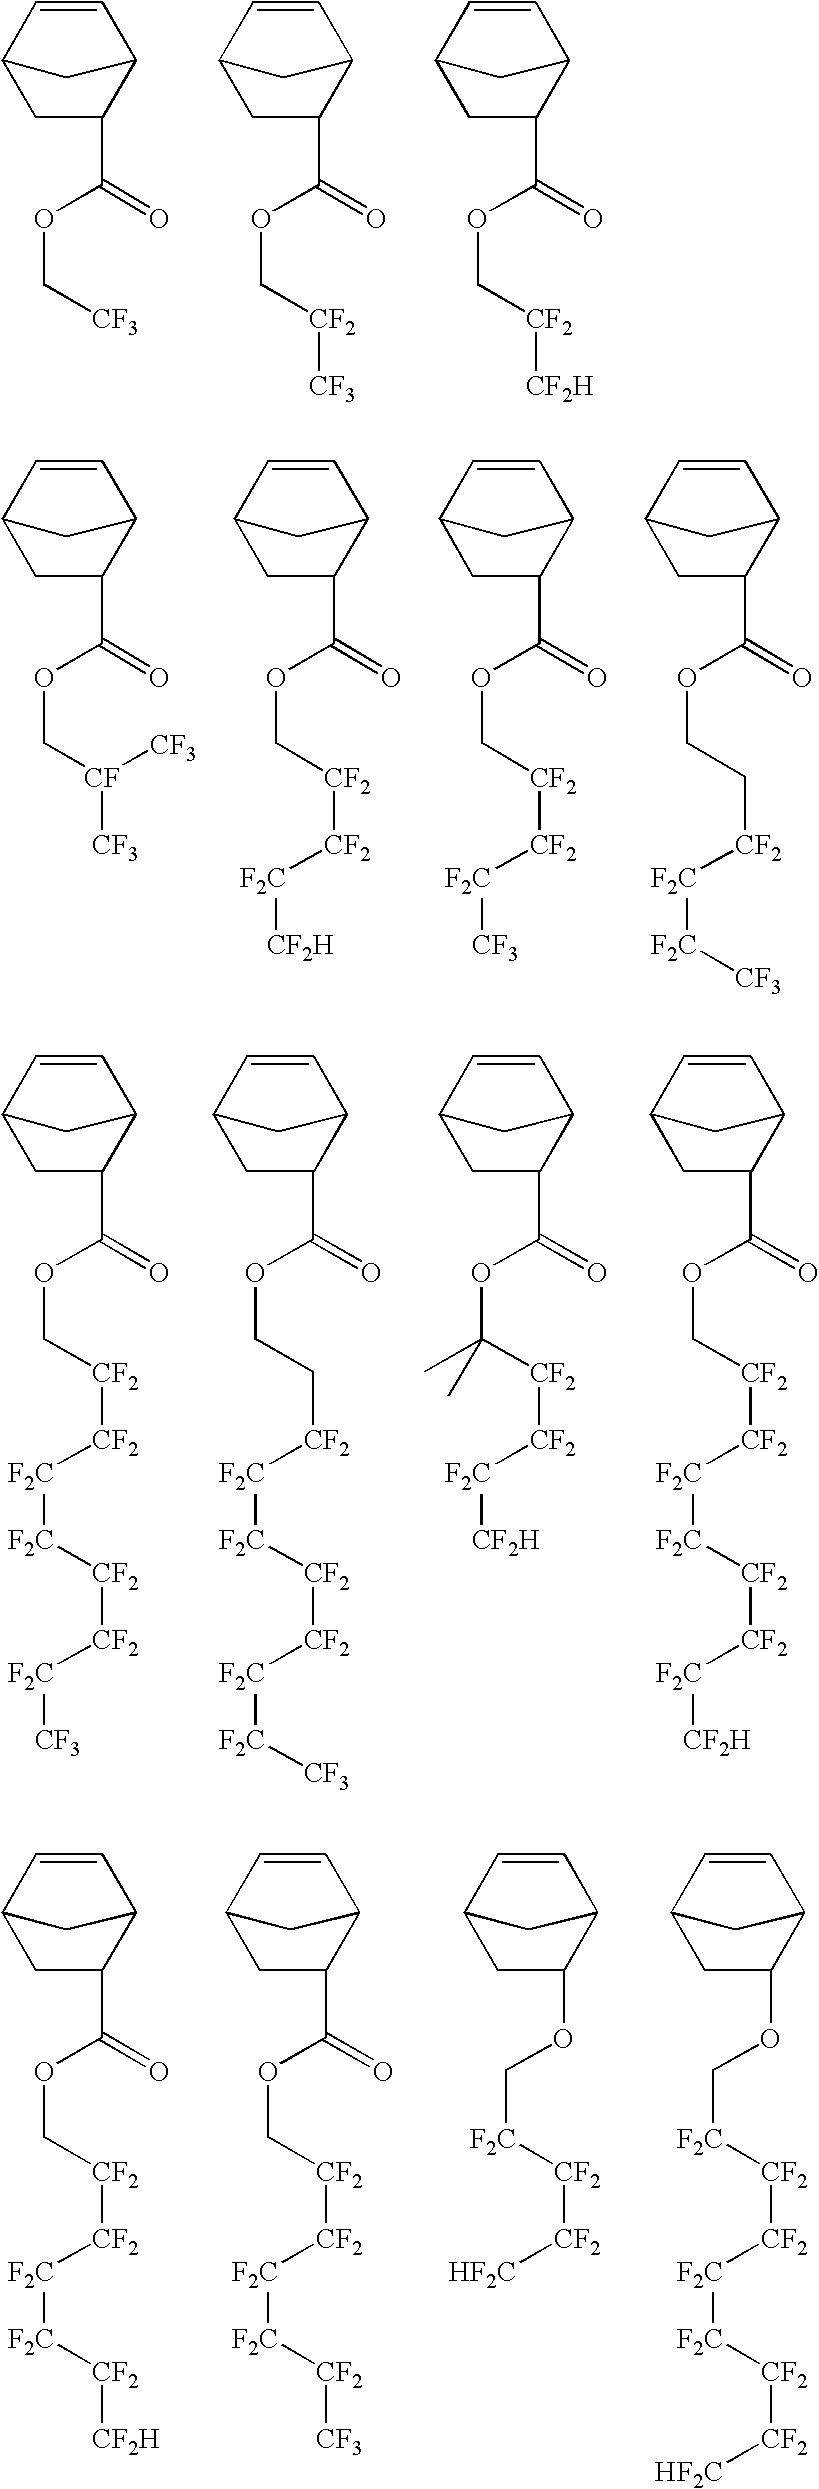 Figure US20090011365A1-20090108-C00094